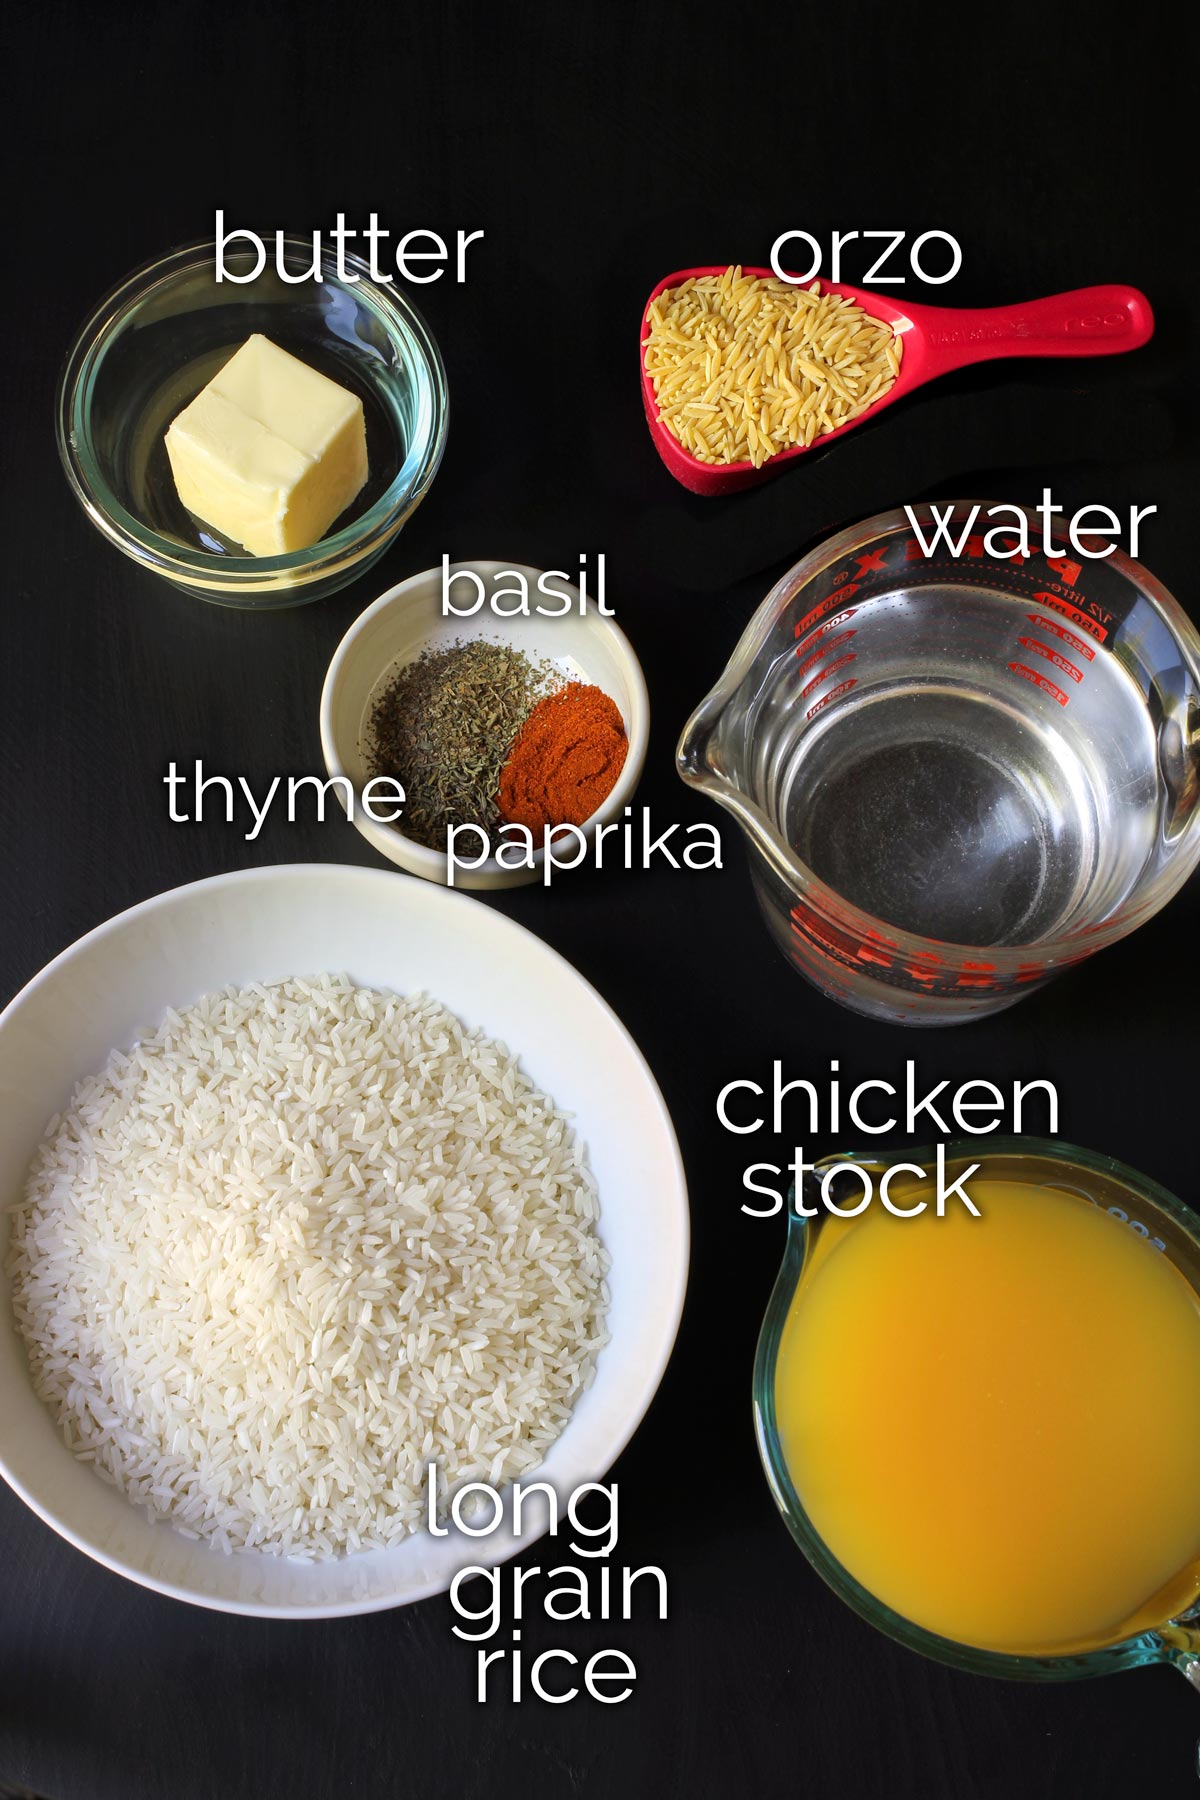 ingredients for seasoned rice pilaf on tabletop.